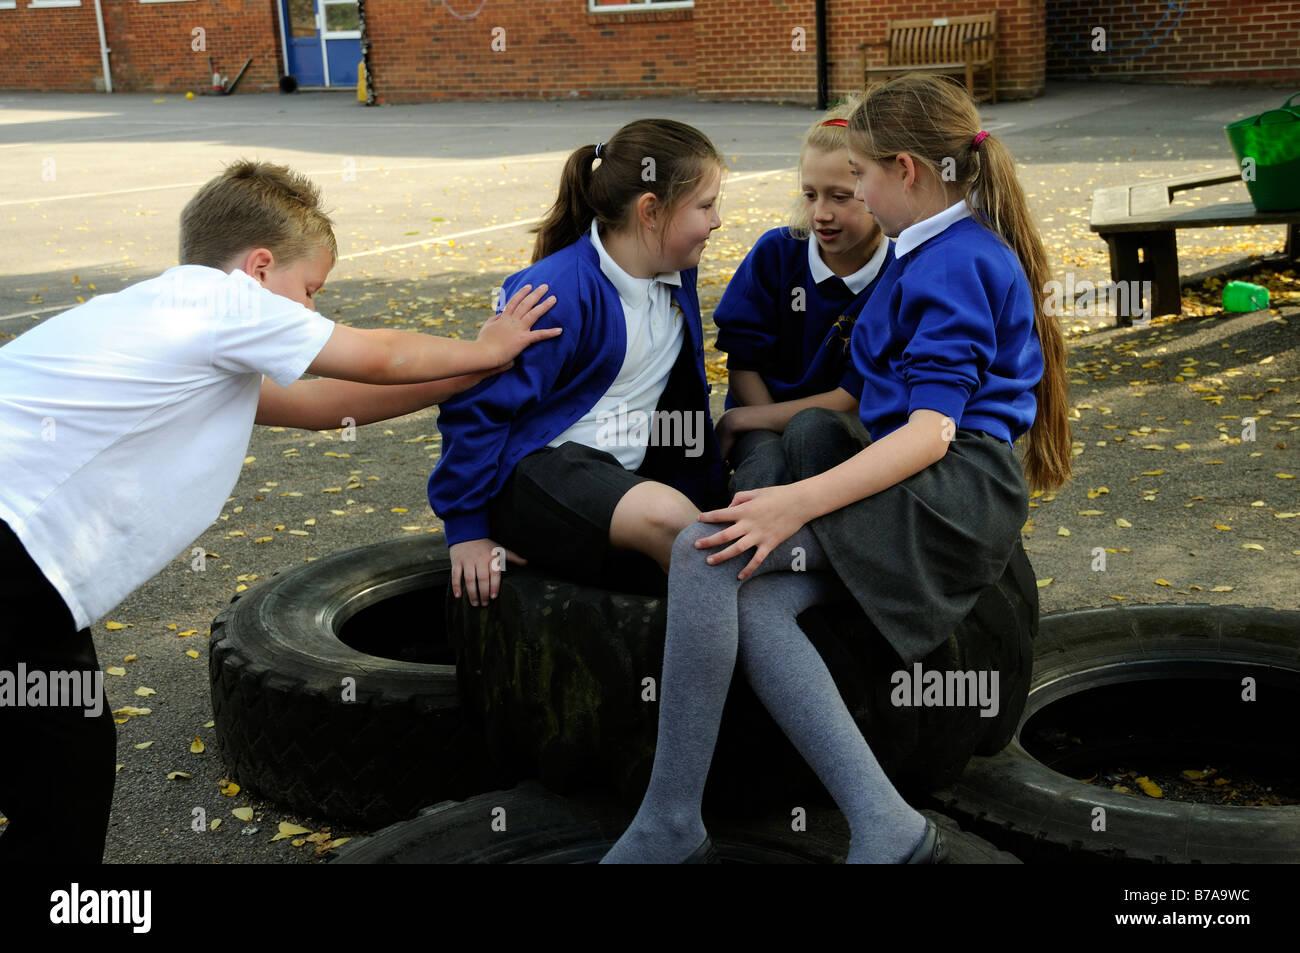 Boy bullied by girls